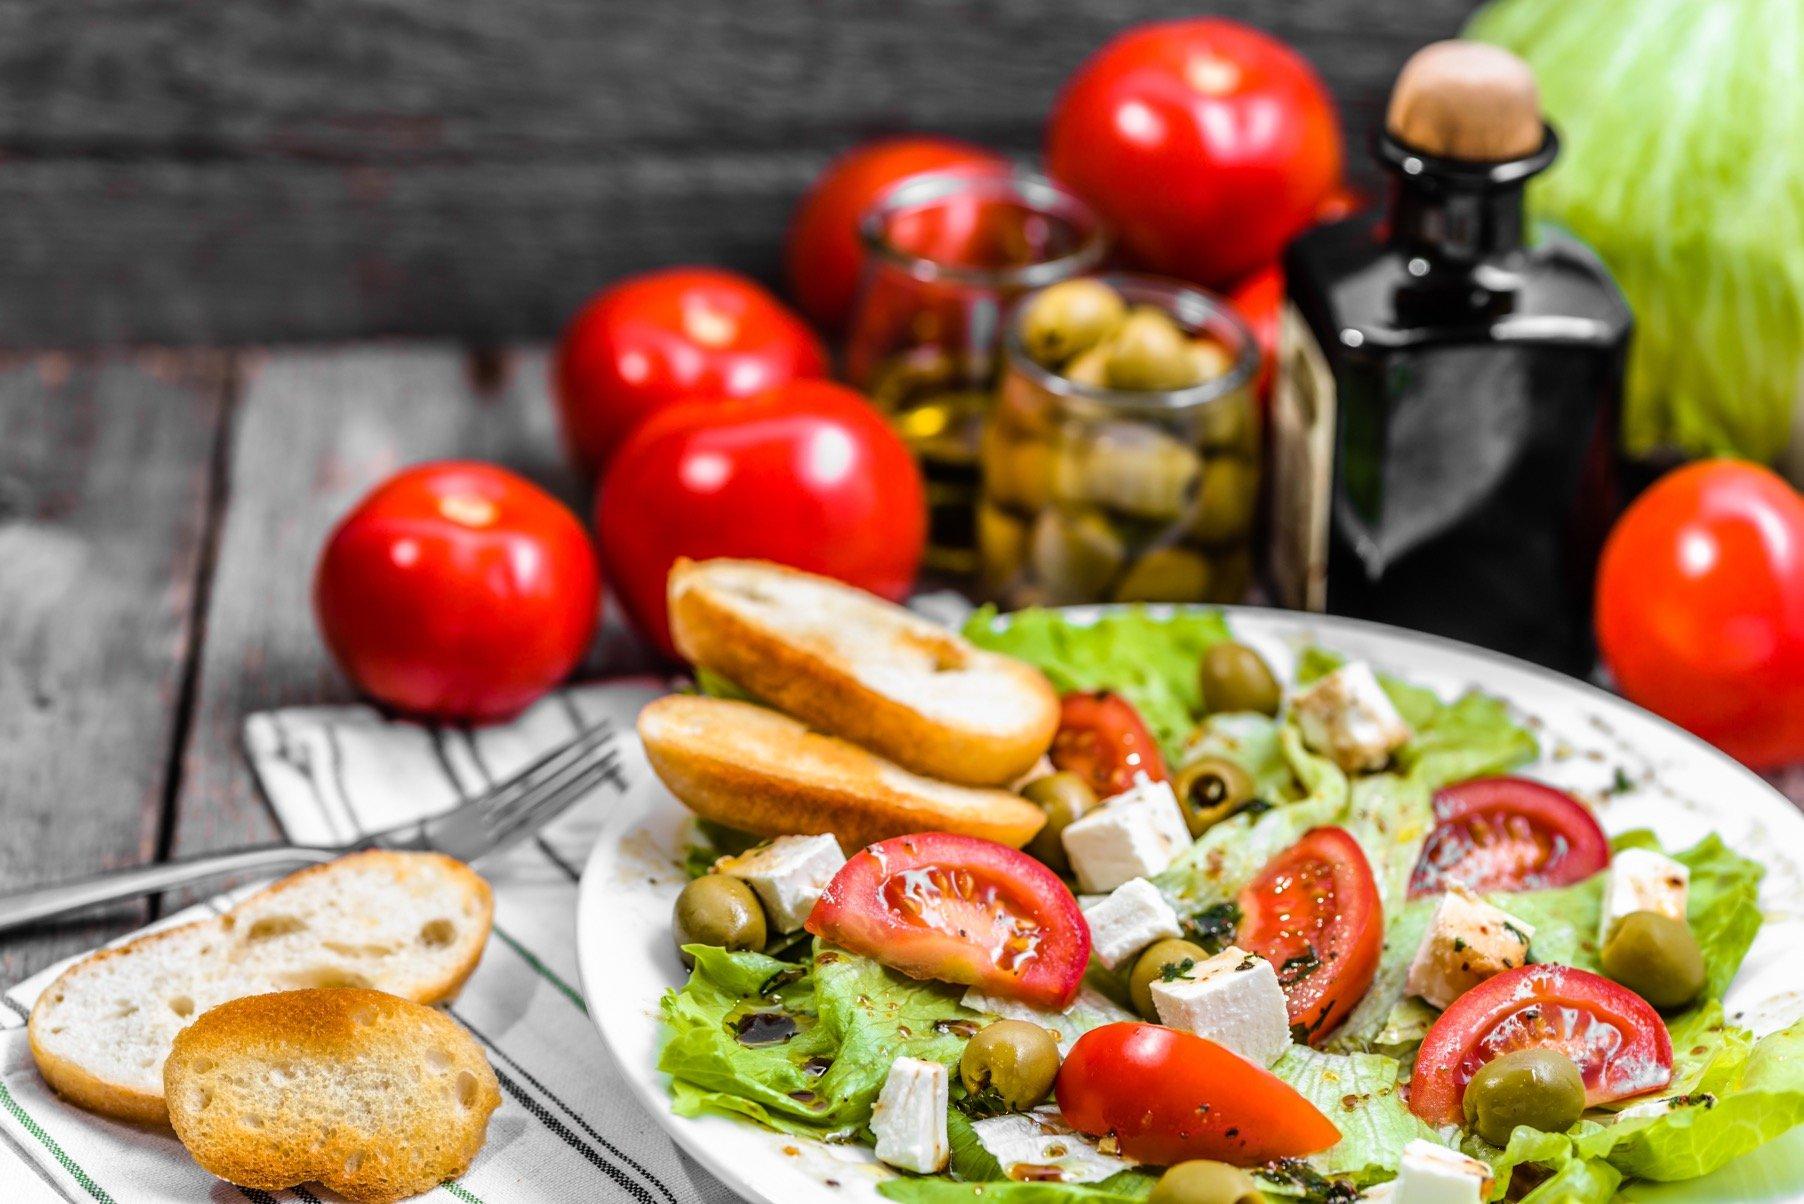 Средиземноморская диета для похудения: меню, польза продуктов диеты и правила.